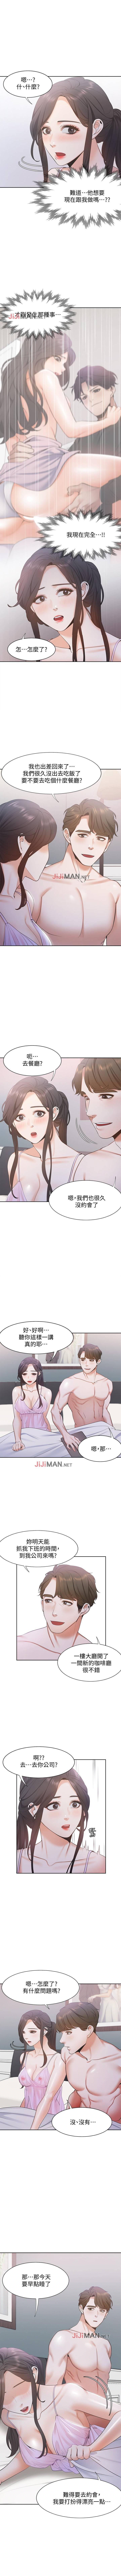 【周五连载】渴望:爱火难耐(作者:Appeal&格子17) 第1~24话 61